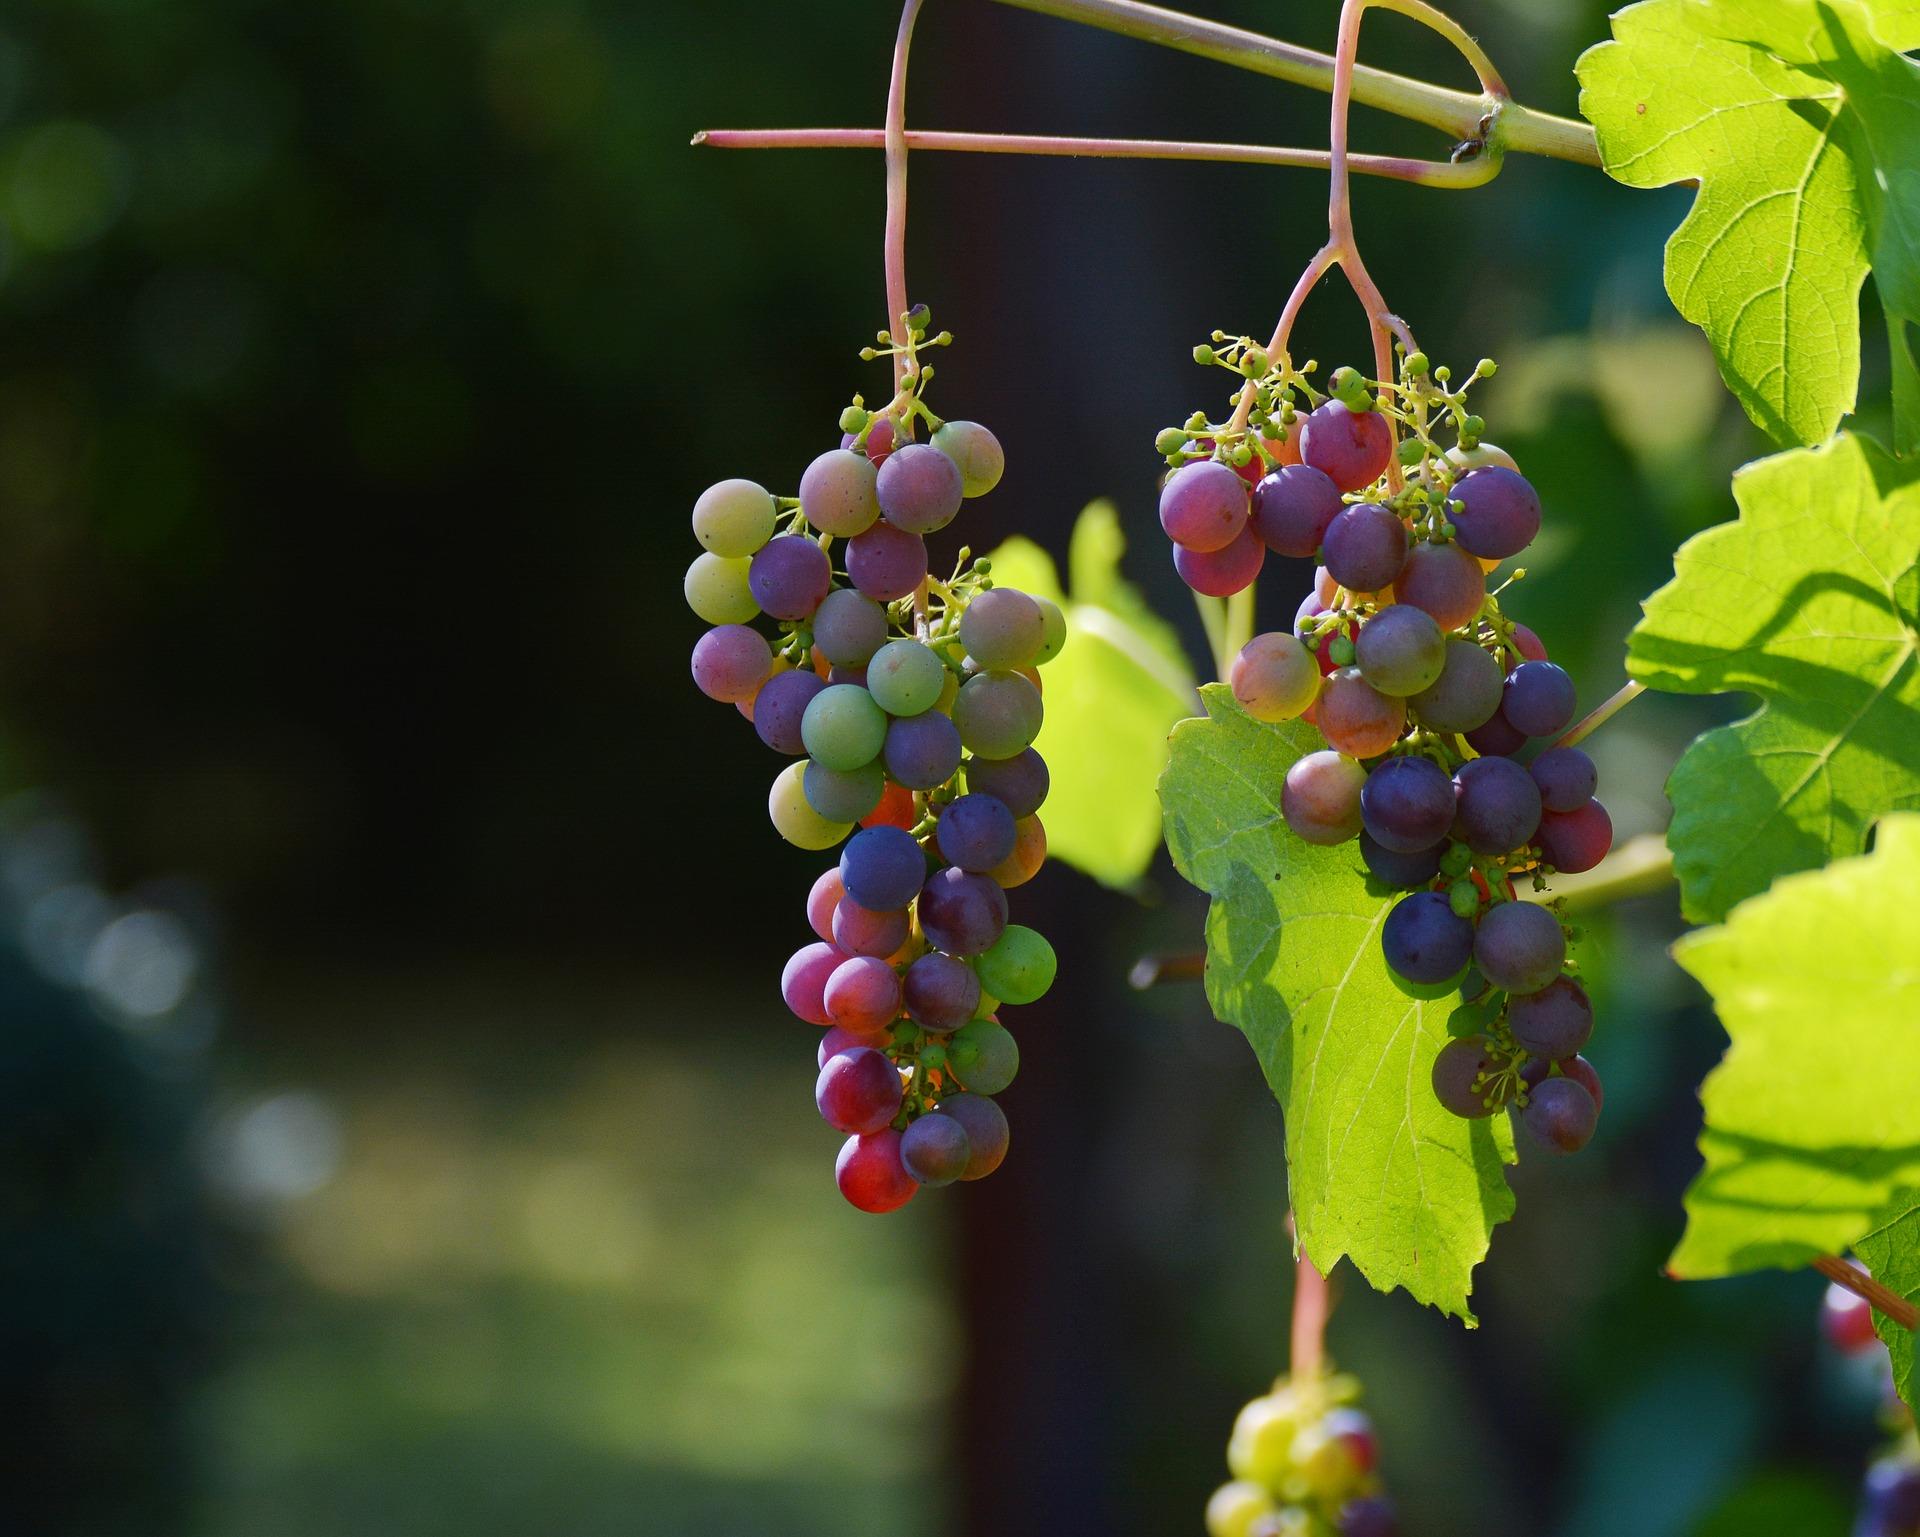 Science Spéculative : Quelle est la différence entre un raisin sec et une sultane ?